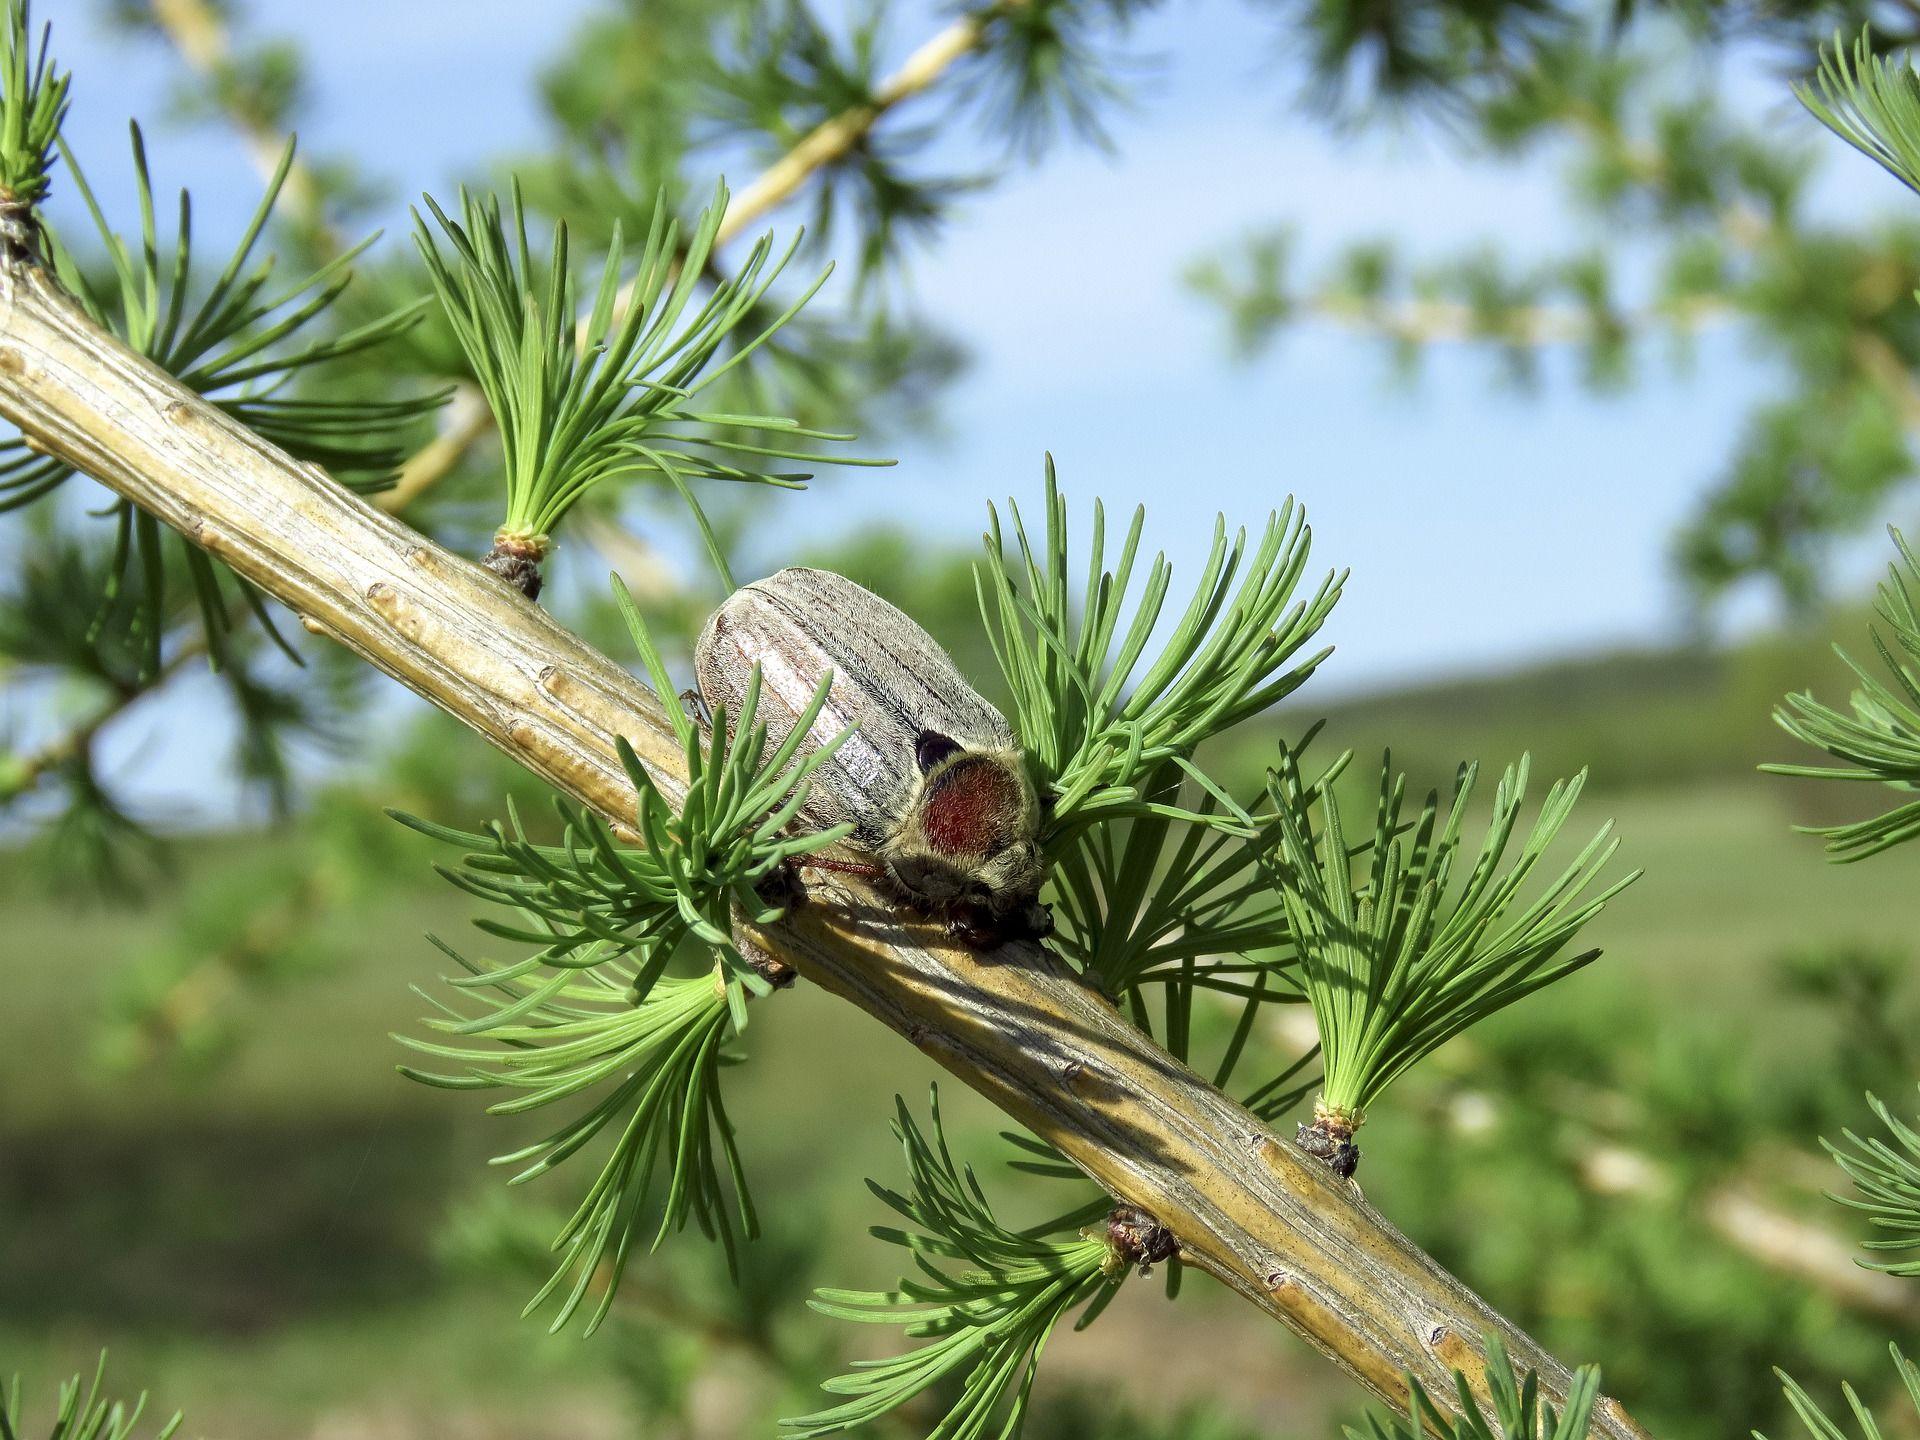 Смотреть красивое фото жука среди цветов